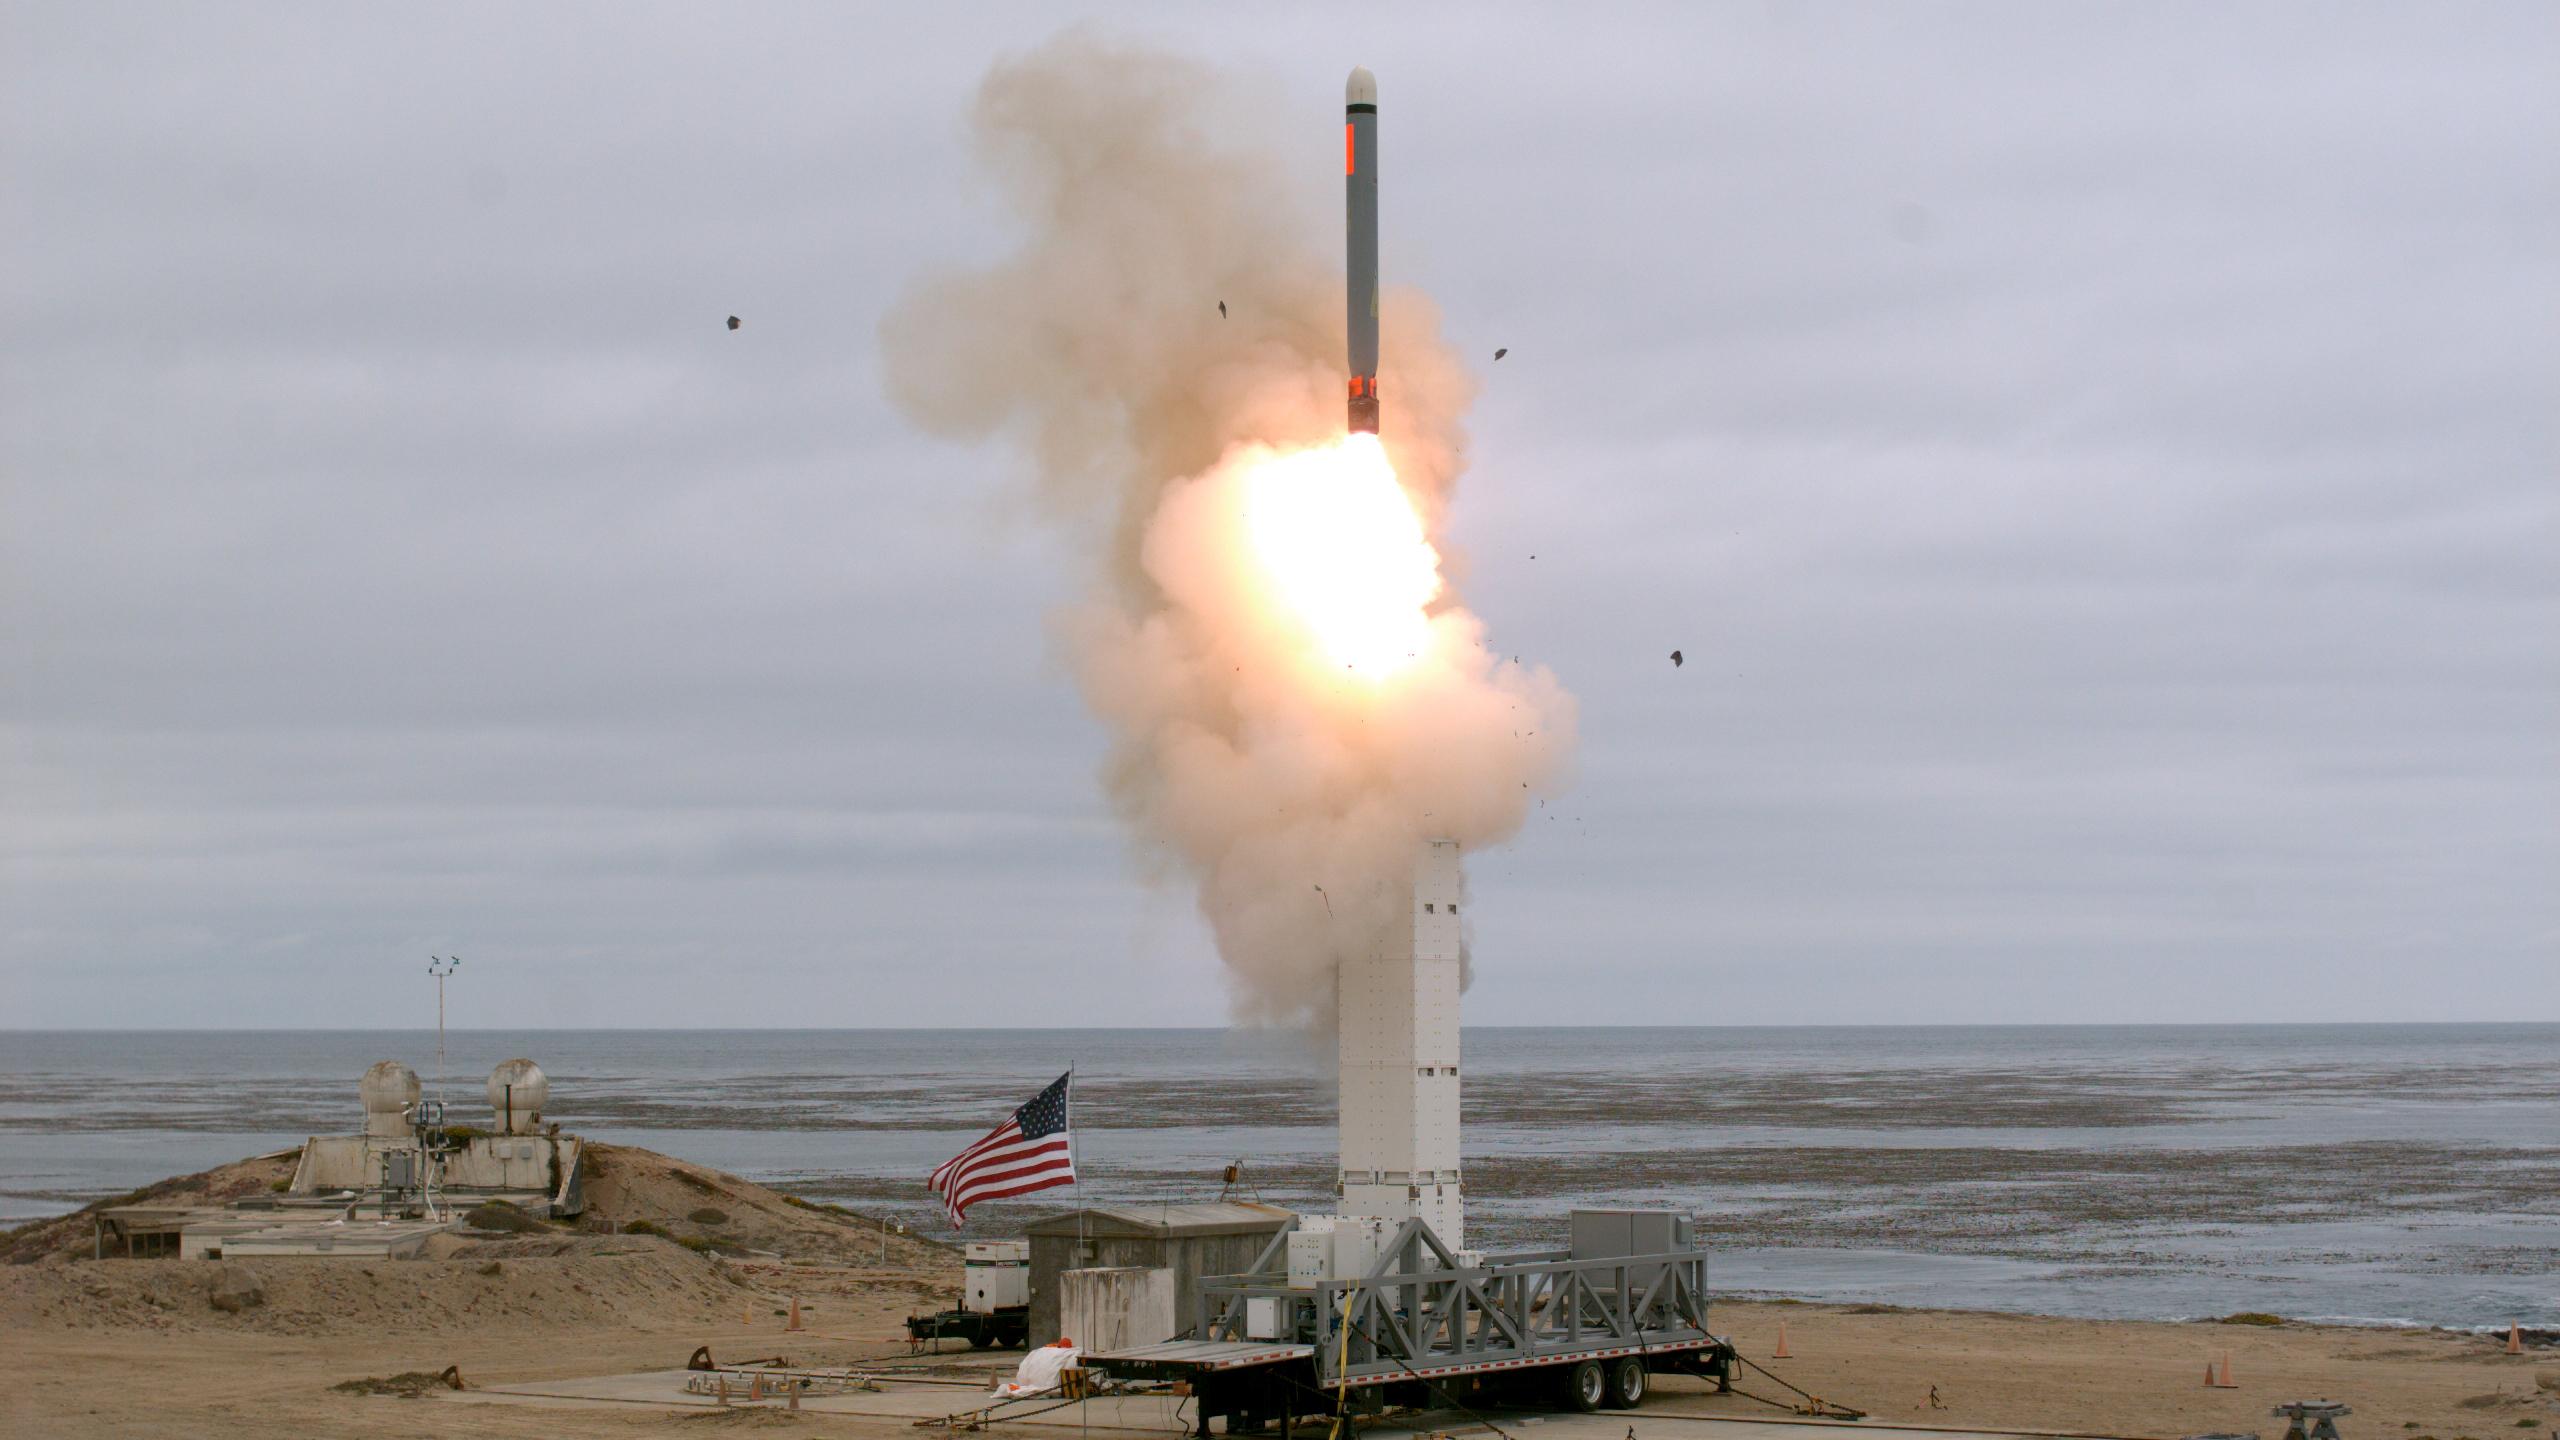 Pentagoni konfirmon testimin e një rakete jo bërthamore